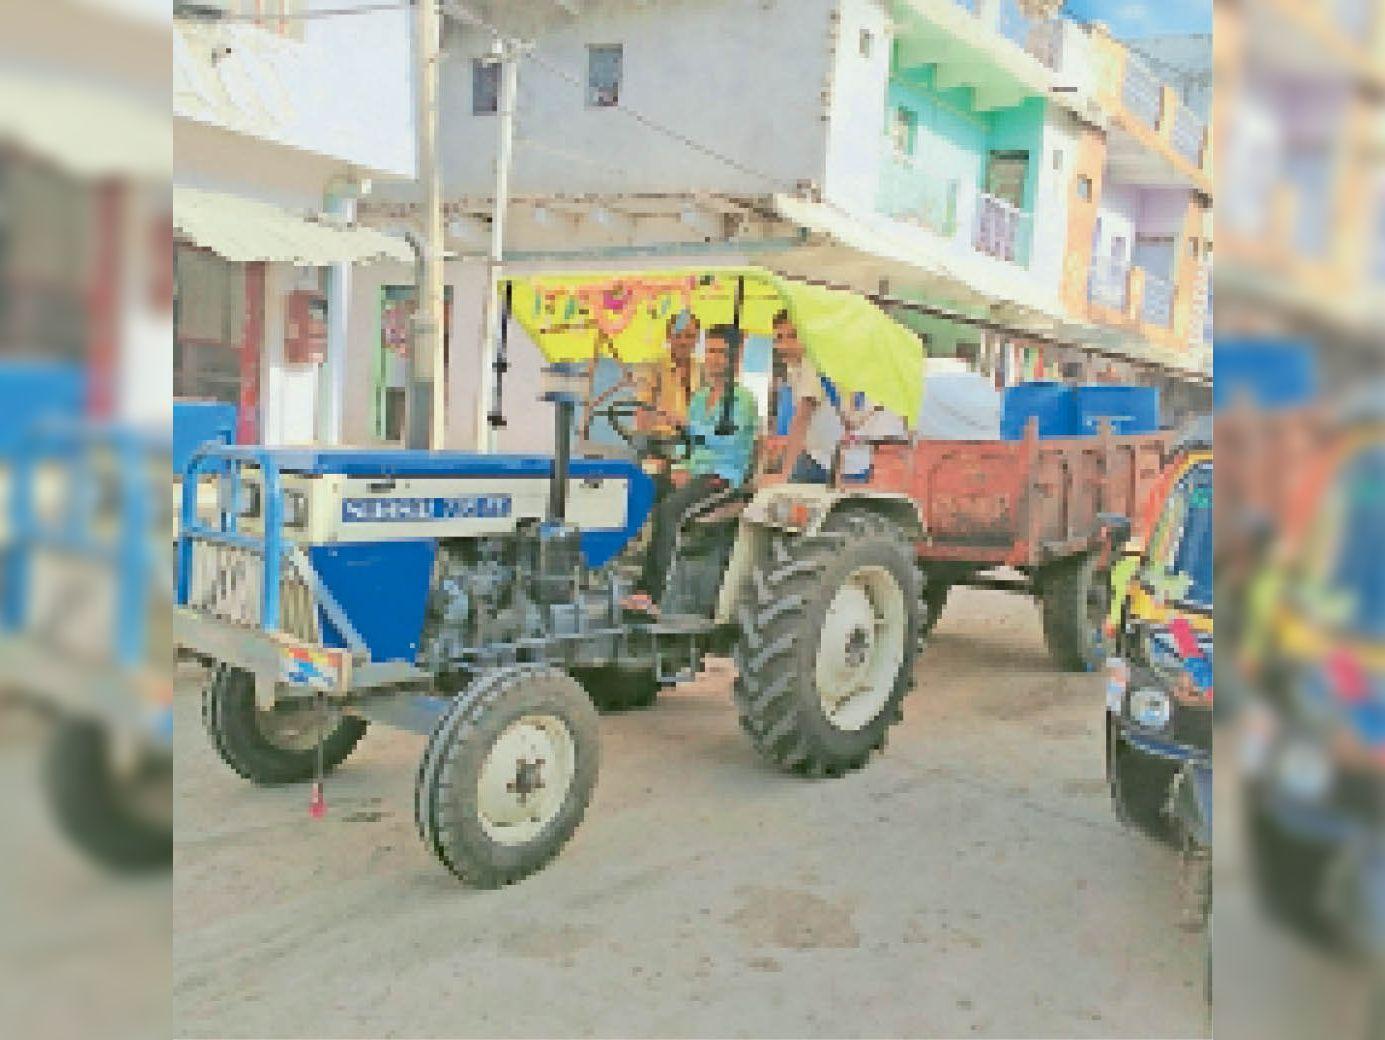 खेतों में लगे ट्यूबवैल से ट्रैक्टर-ट्रॉली में पानी भरकर ला रहे लोग। - Dainik Bhaskar